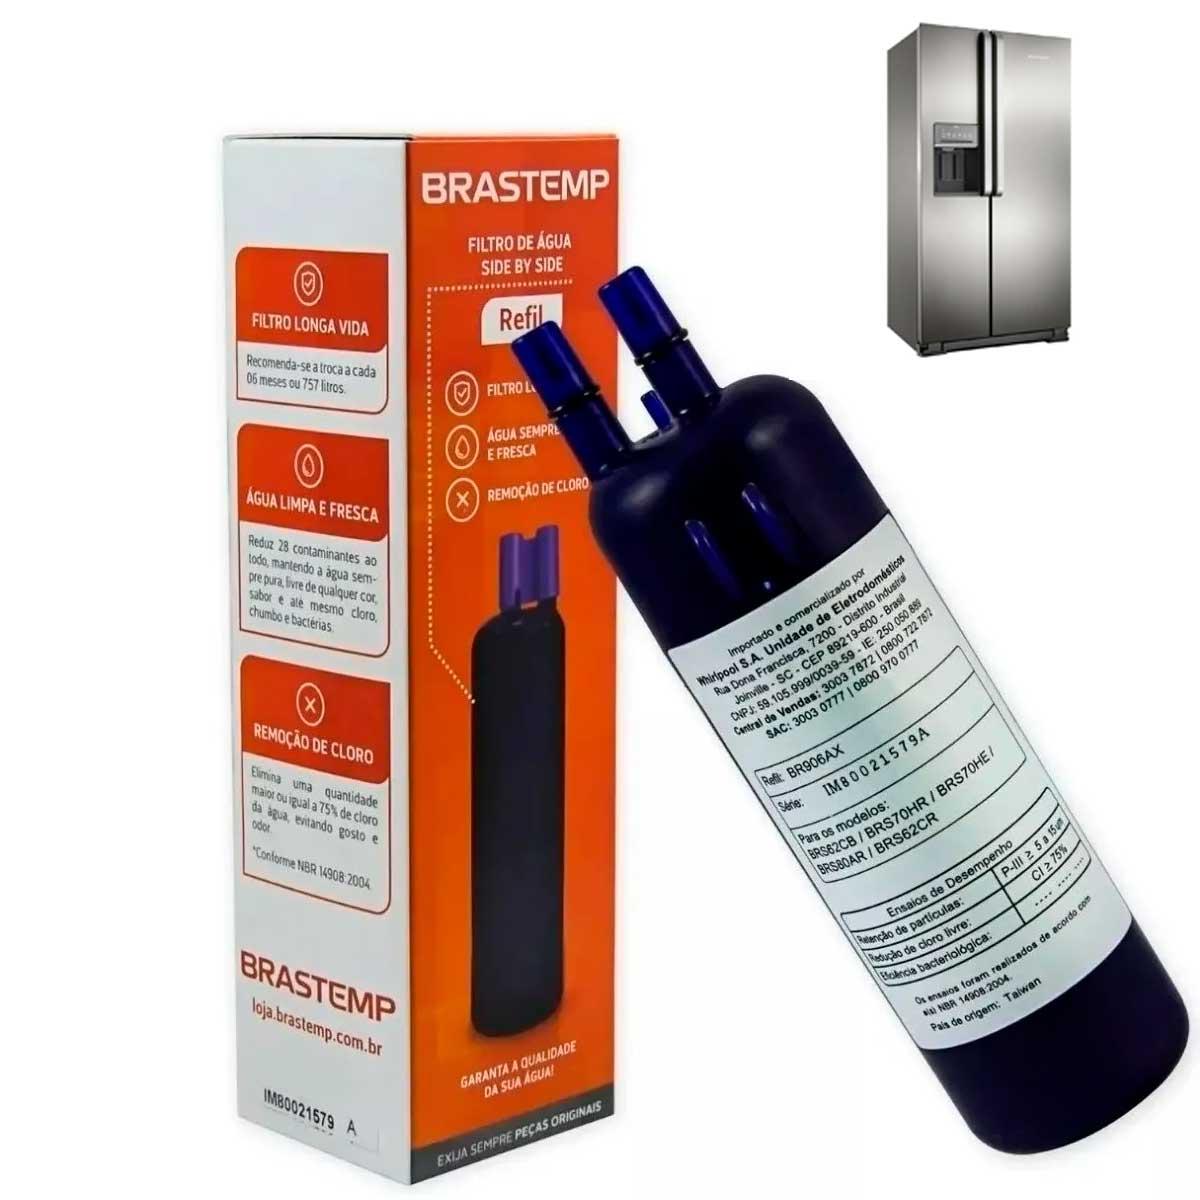 Refil  Filtro De Agua Brastemp Side By Side (br906ax) - W10510889 - Brs62c